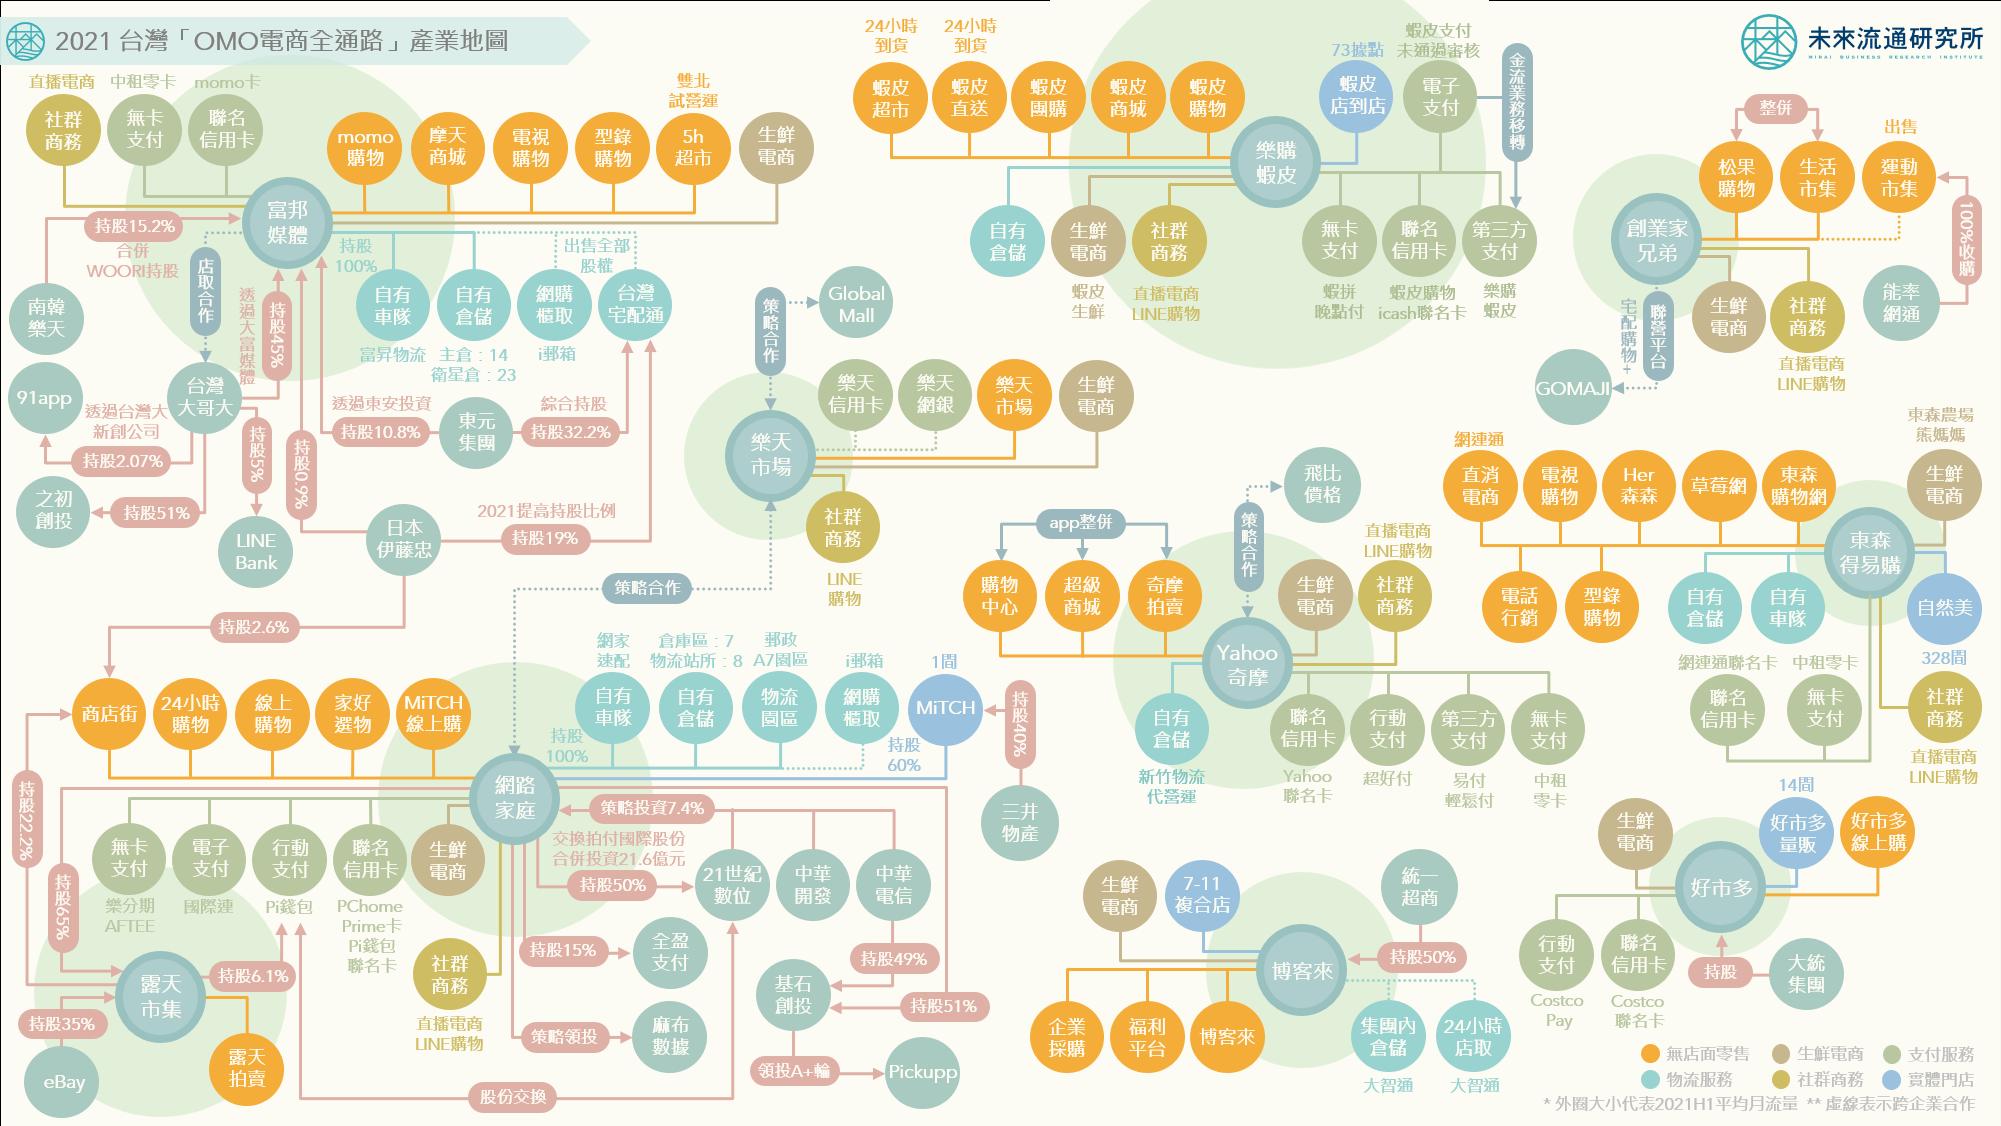 2021【產業地圖圖解】台灣「OMO電商全通路」產業地圖